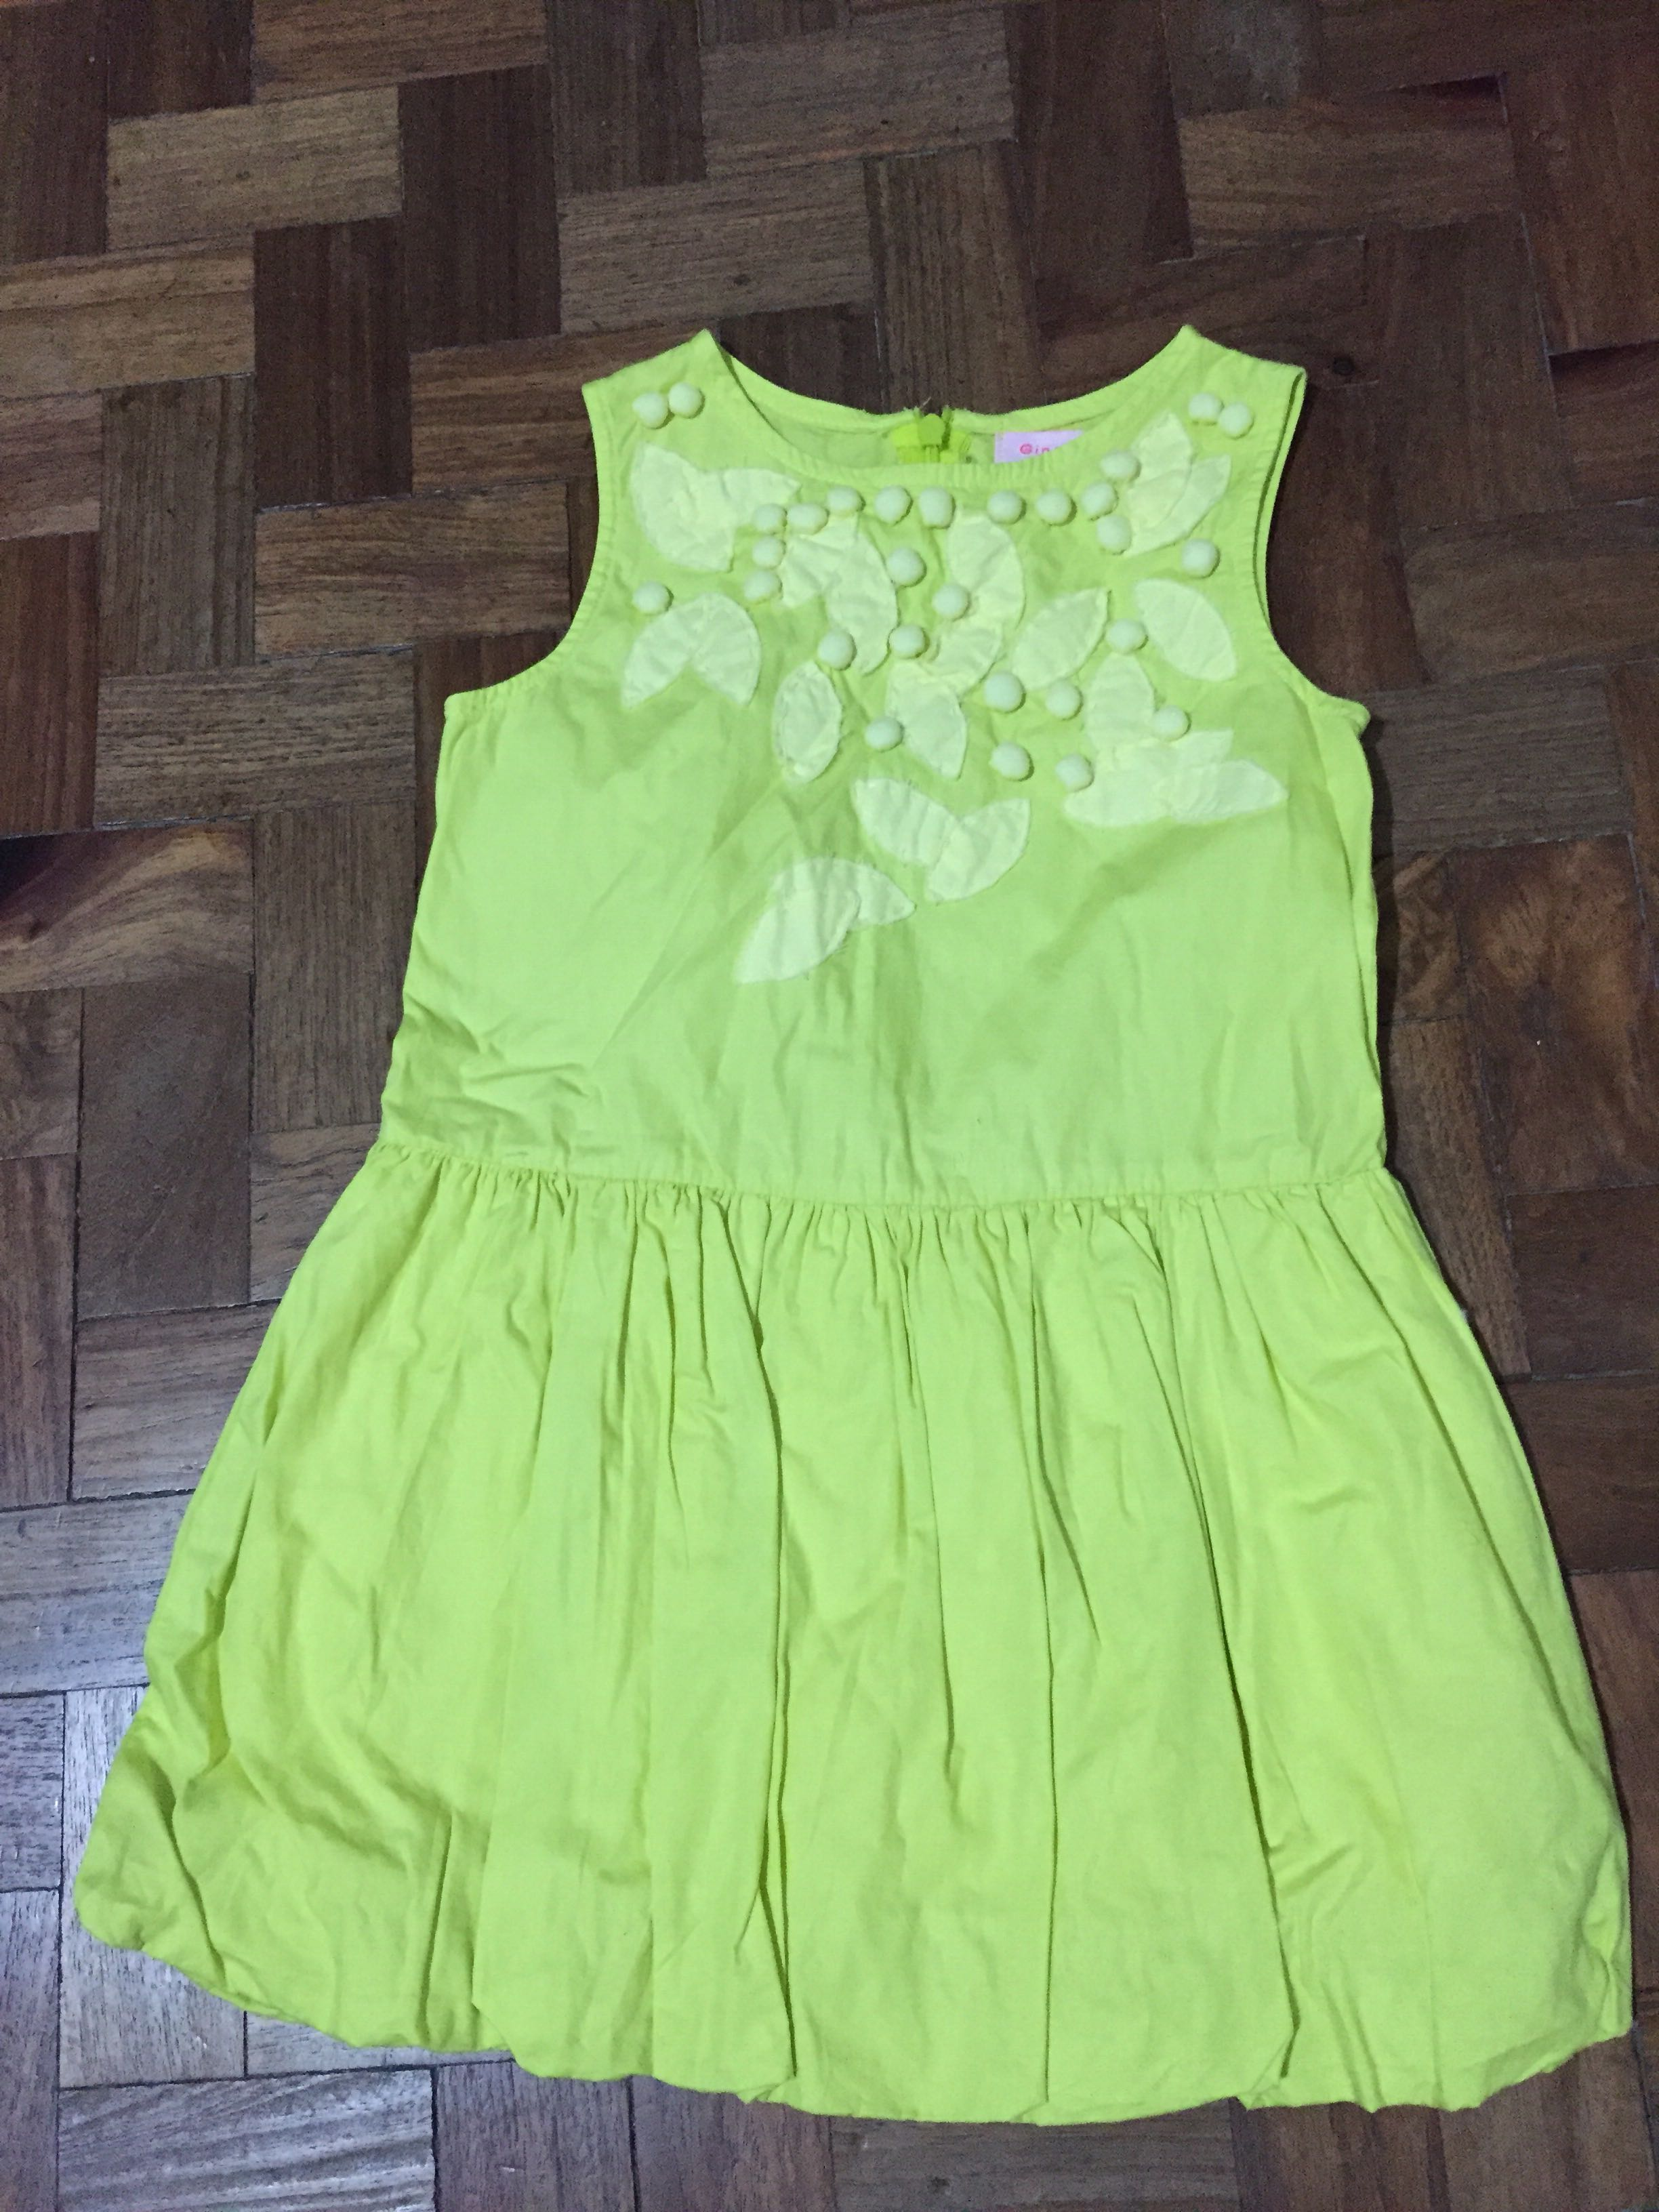 6b591ca6d768 Gingersnaps Yellow Green Dress